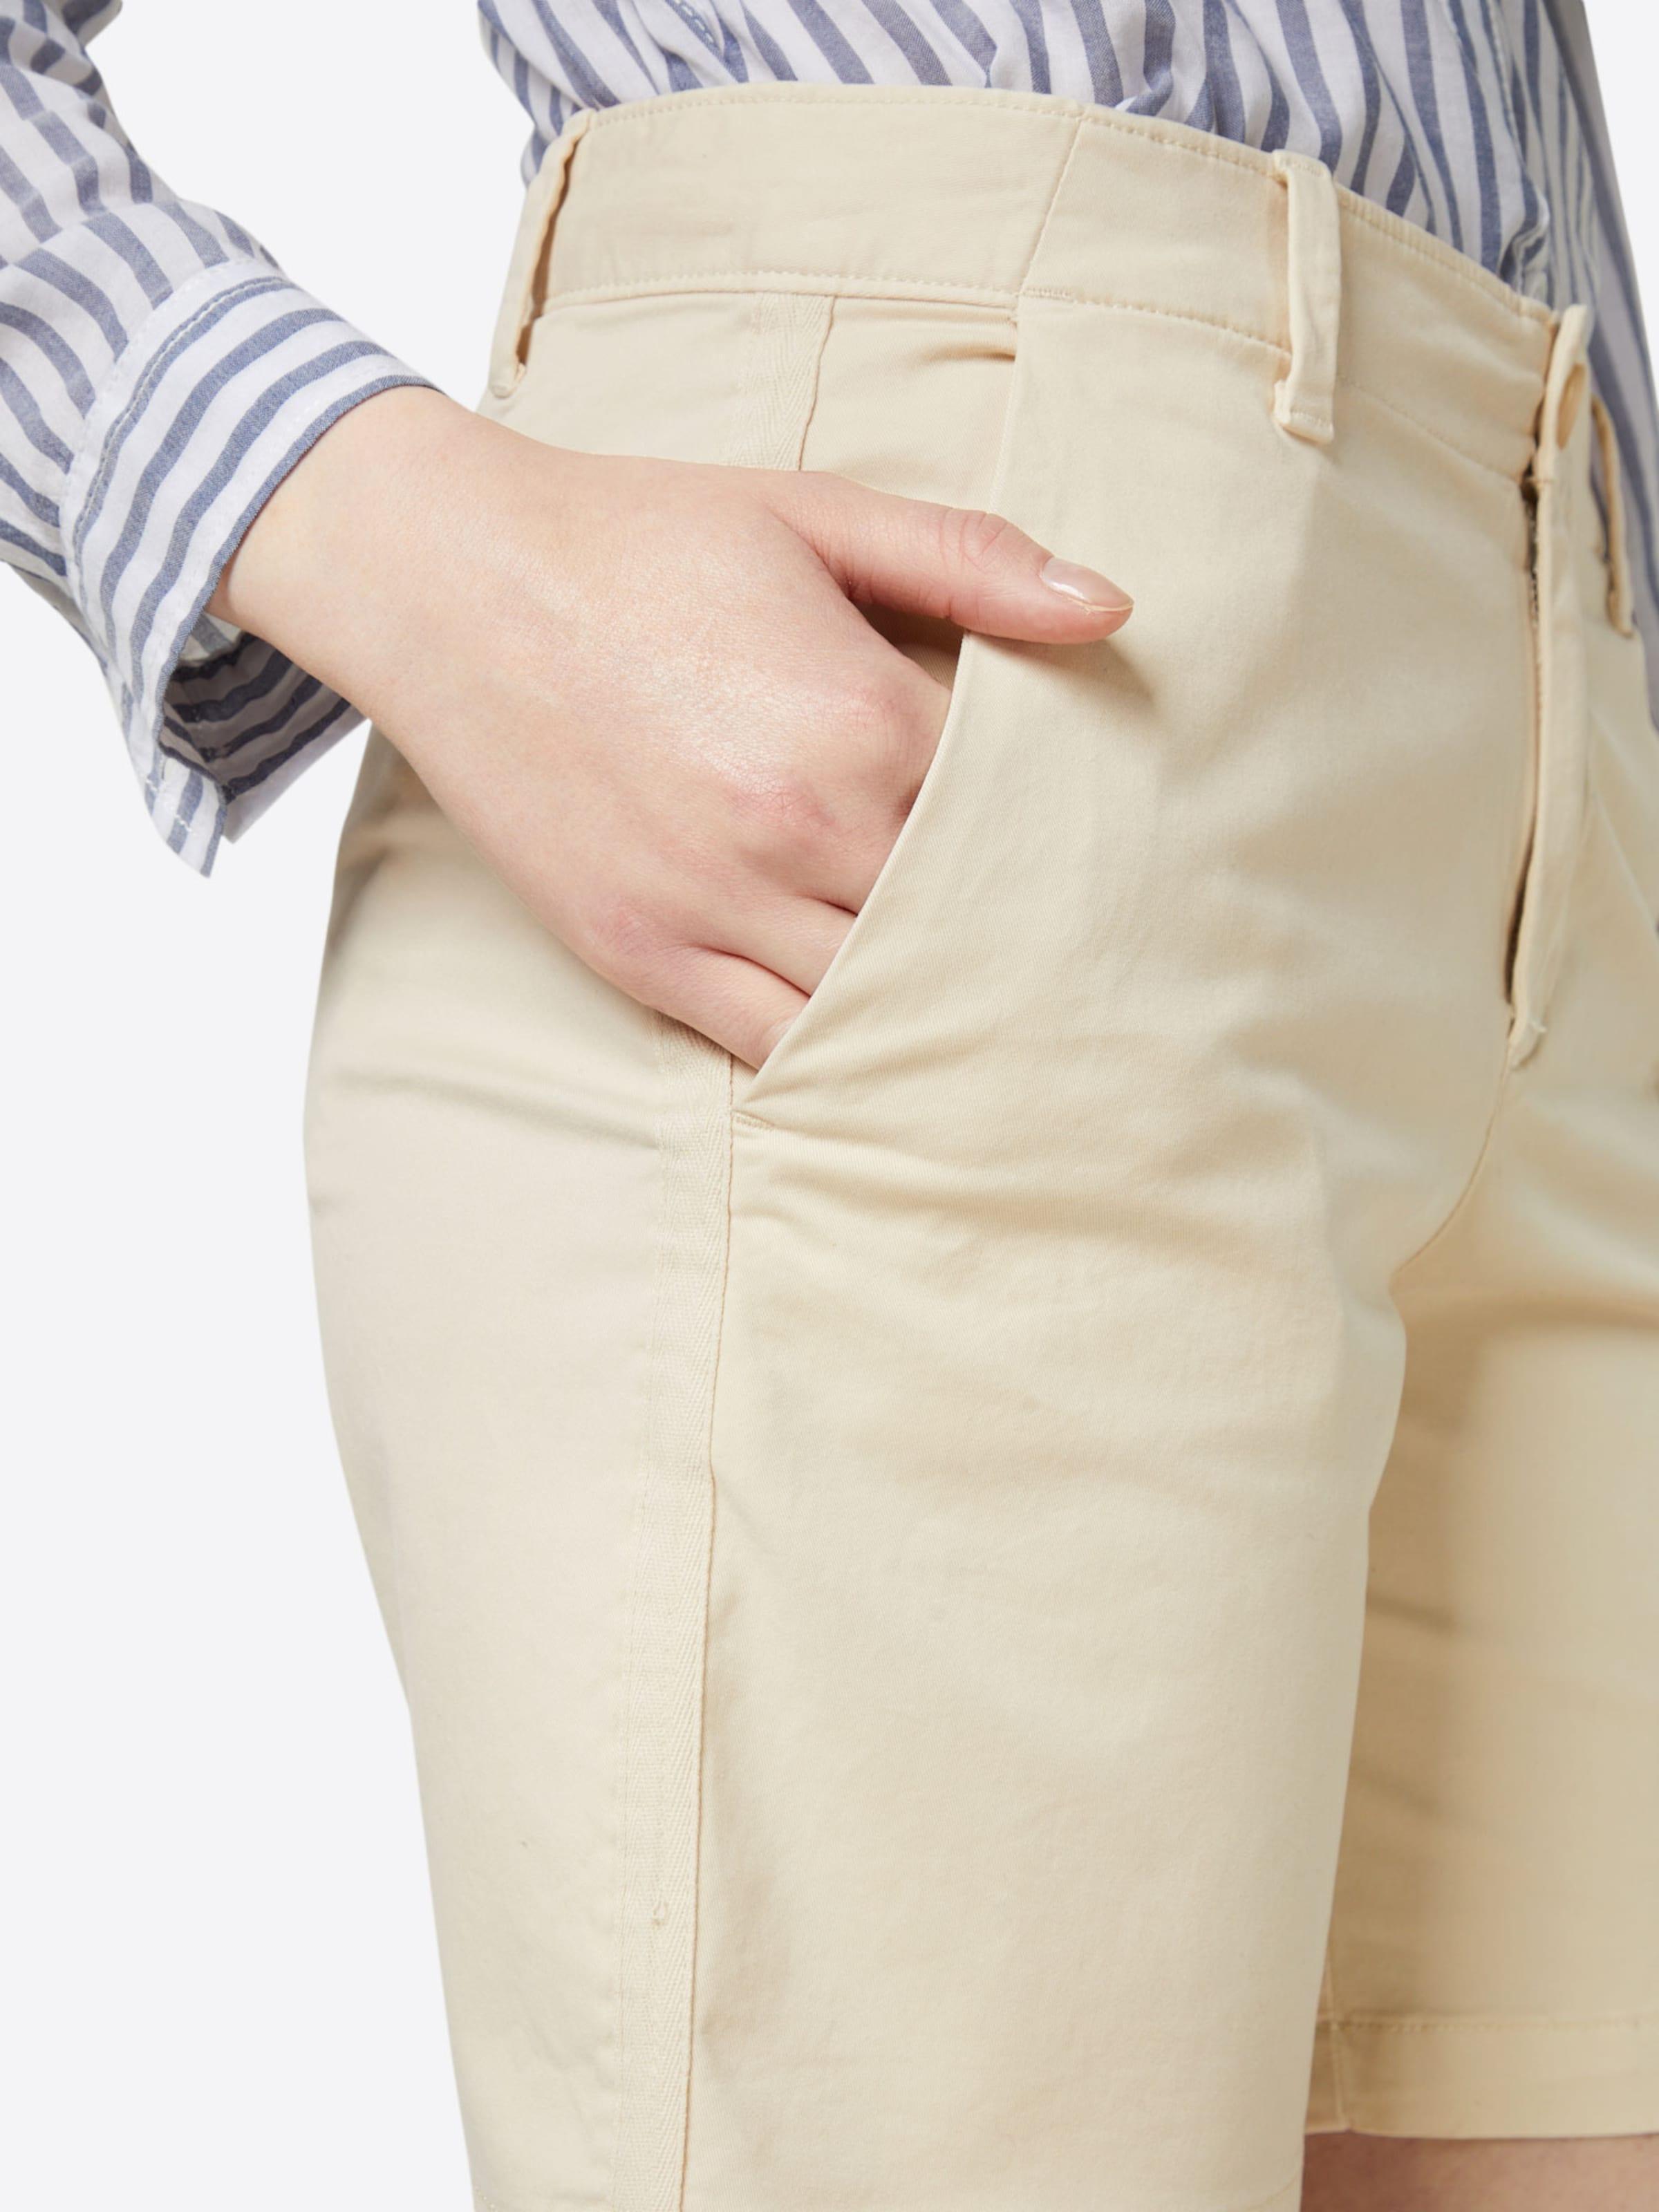 Chino Gap Pantalon Gap Pantalon En Chino Blanc En Blanc Gap Pw0kXO8n